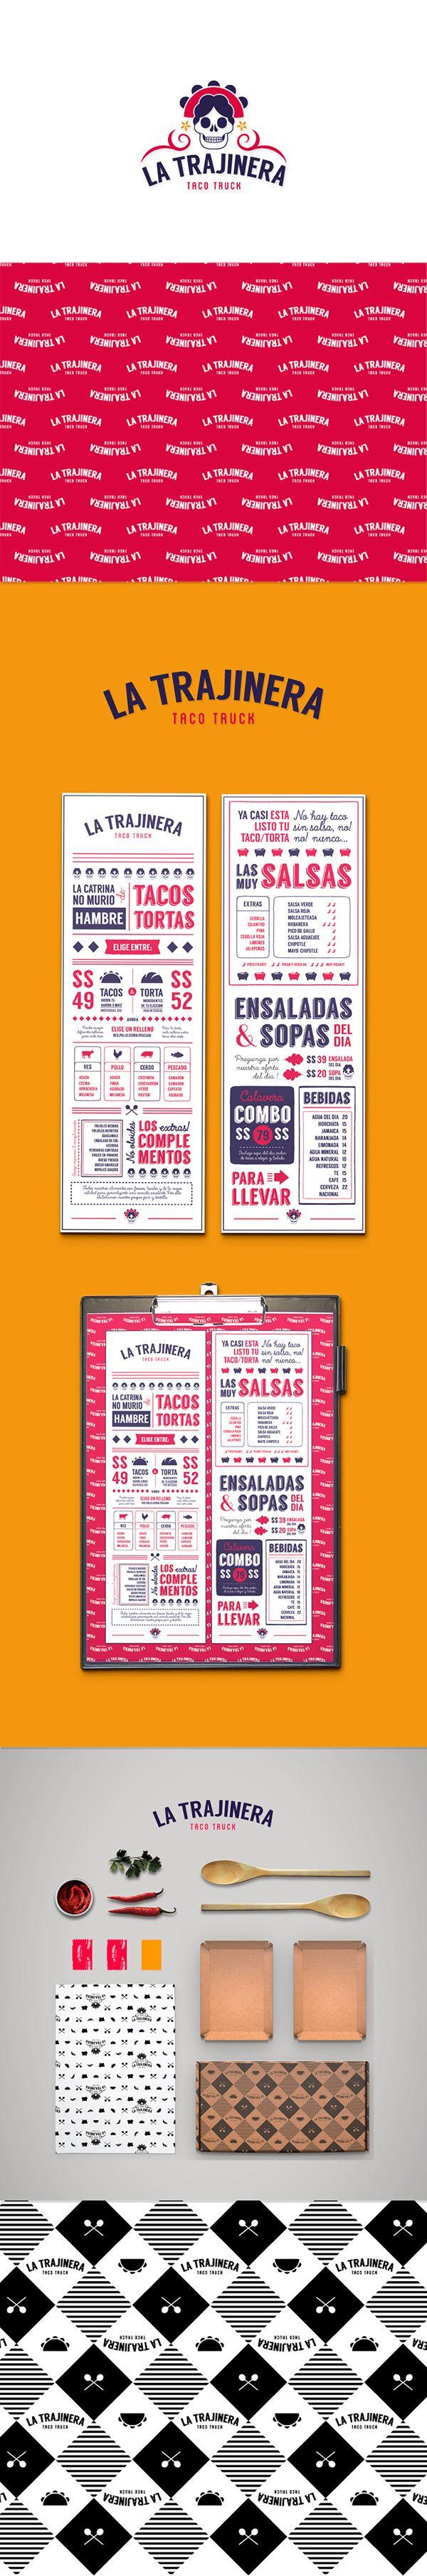 Concepto de branding y packaging para un food truck de comida rápida mexicana. Diseño de identidad corporativa, menús y cajas contenedoras de alimentos. Branding and packaging concept for a fast mexican food truck. Corporate identity, menu and take away…